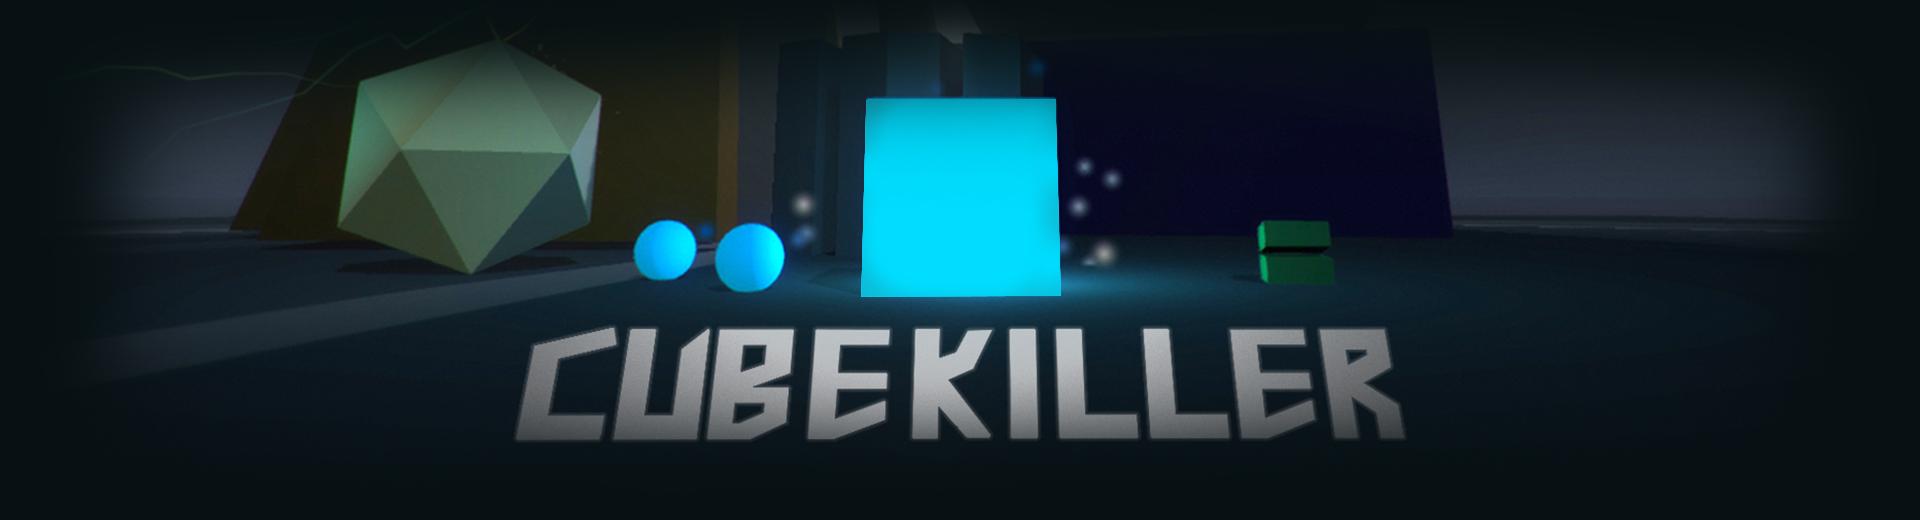 CubeKiller